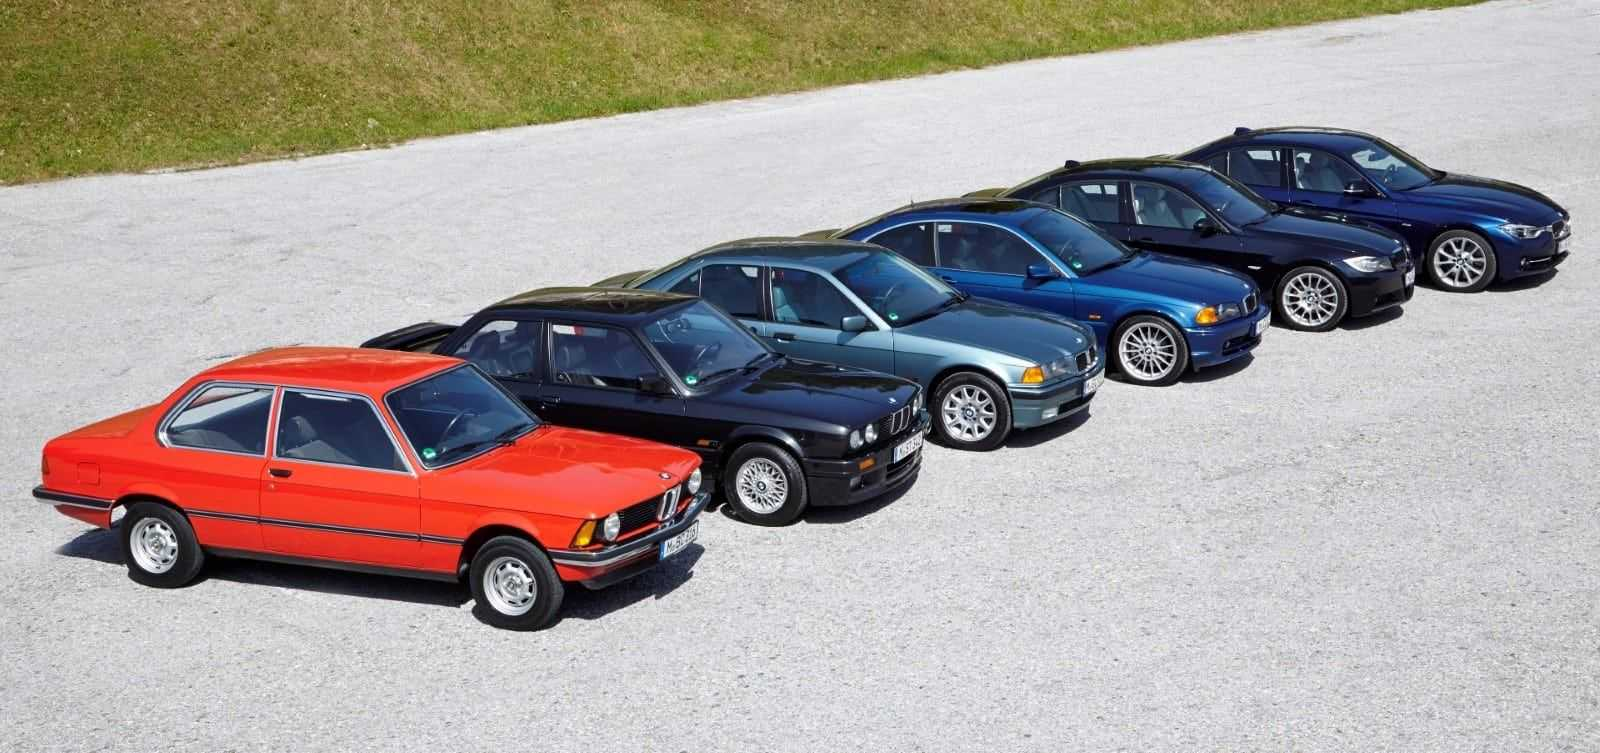 Все поколения BMW 5-series: история любимой в народе «пятёрочки»